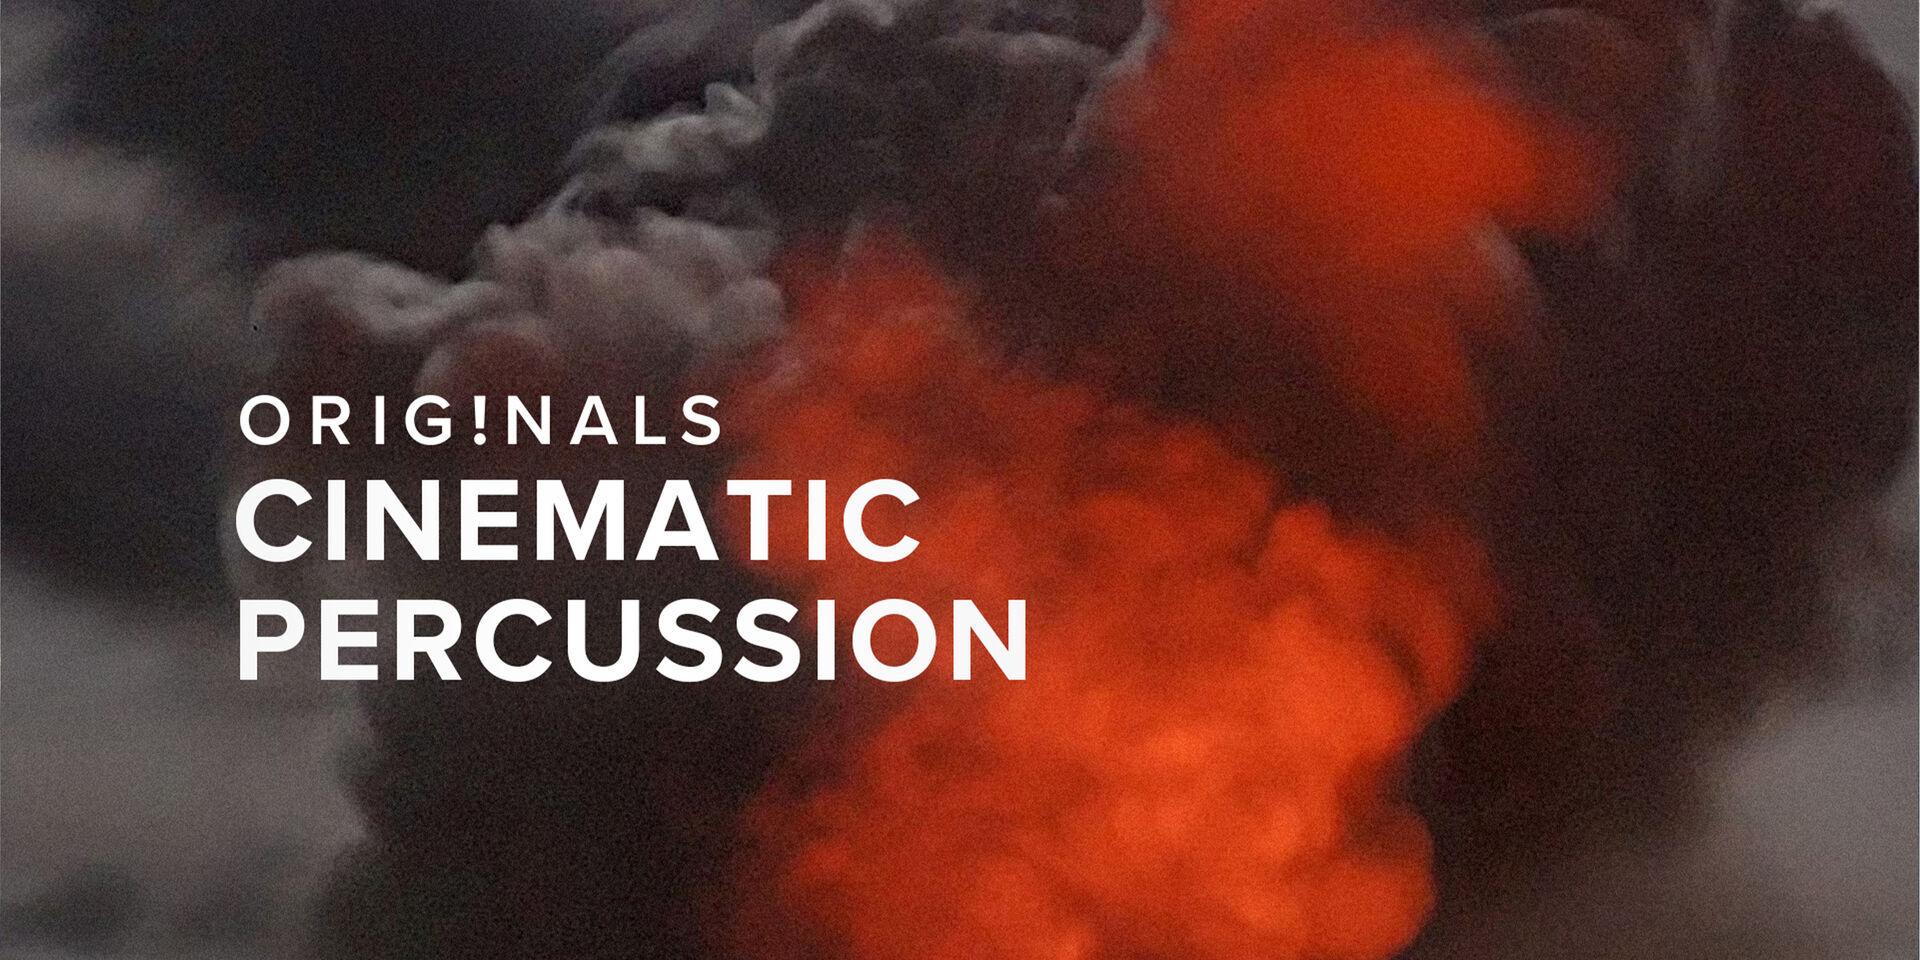 Originals: Cinematic Percussion